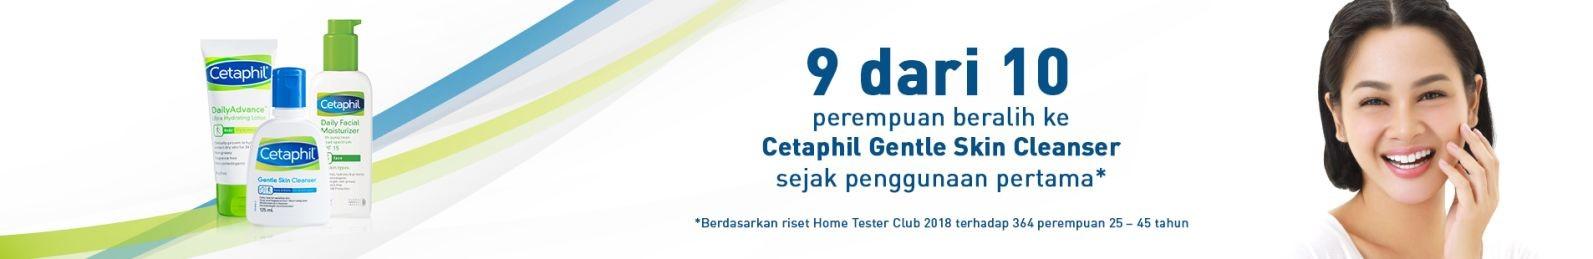 Cetaphil Indonesia